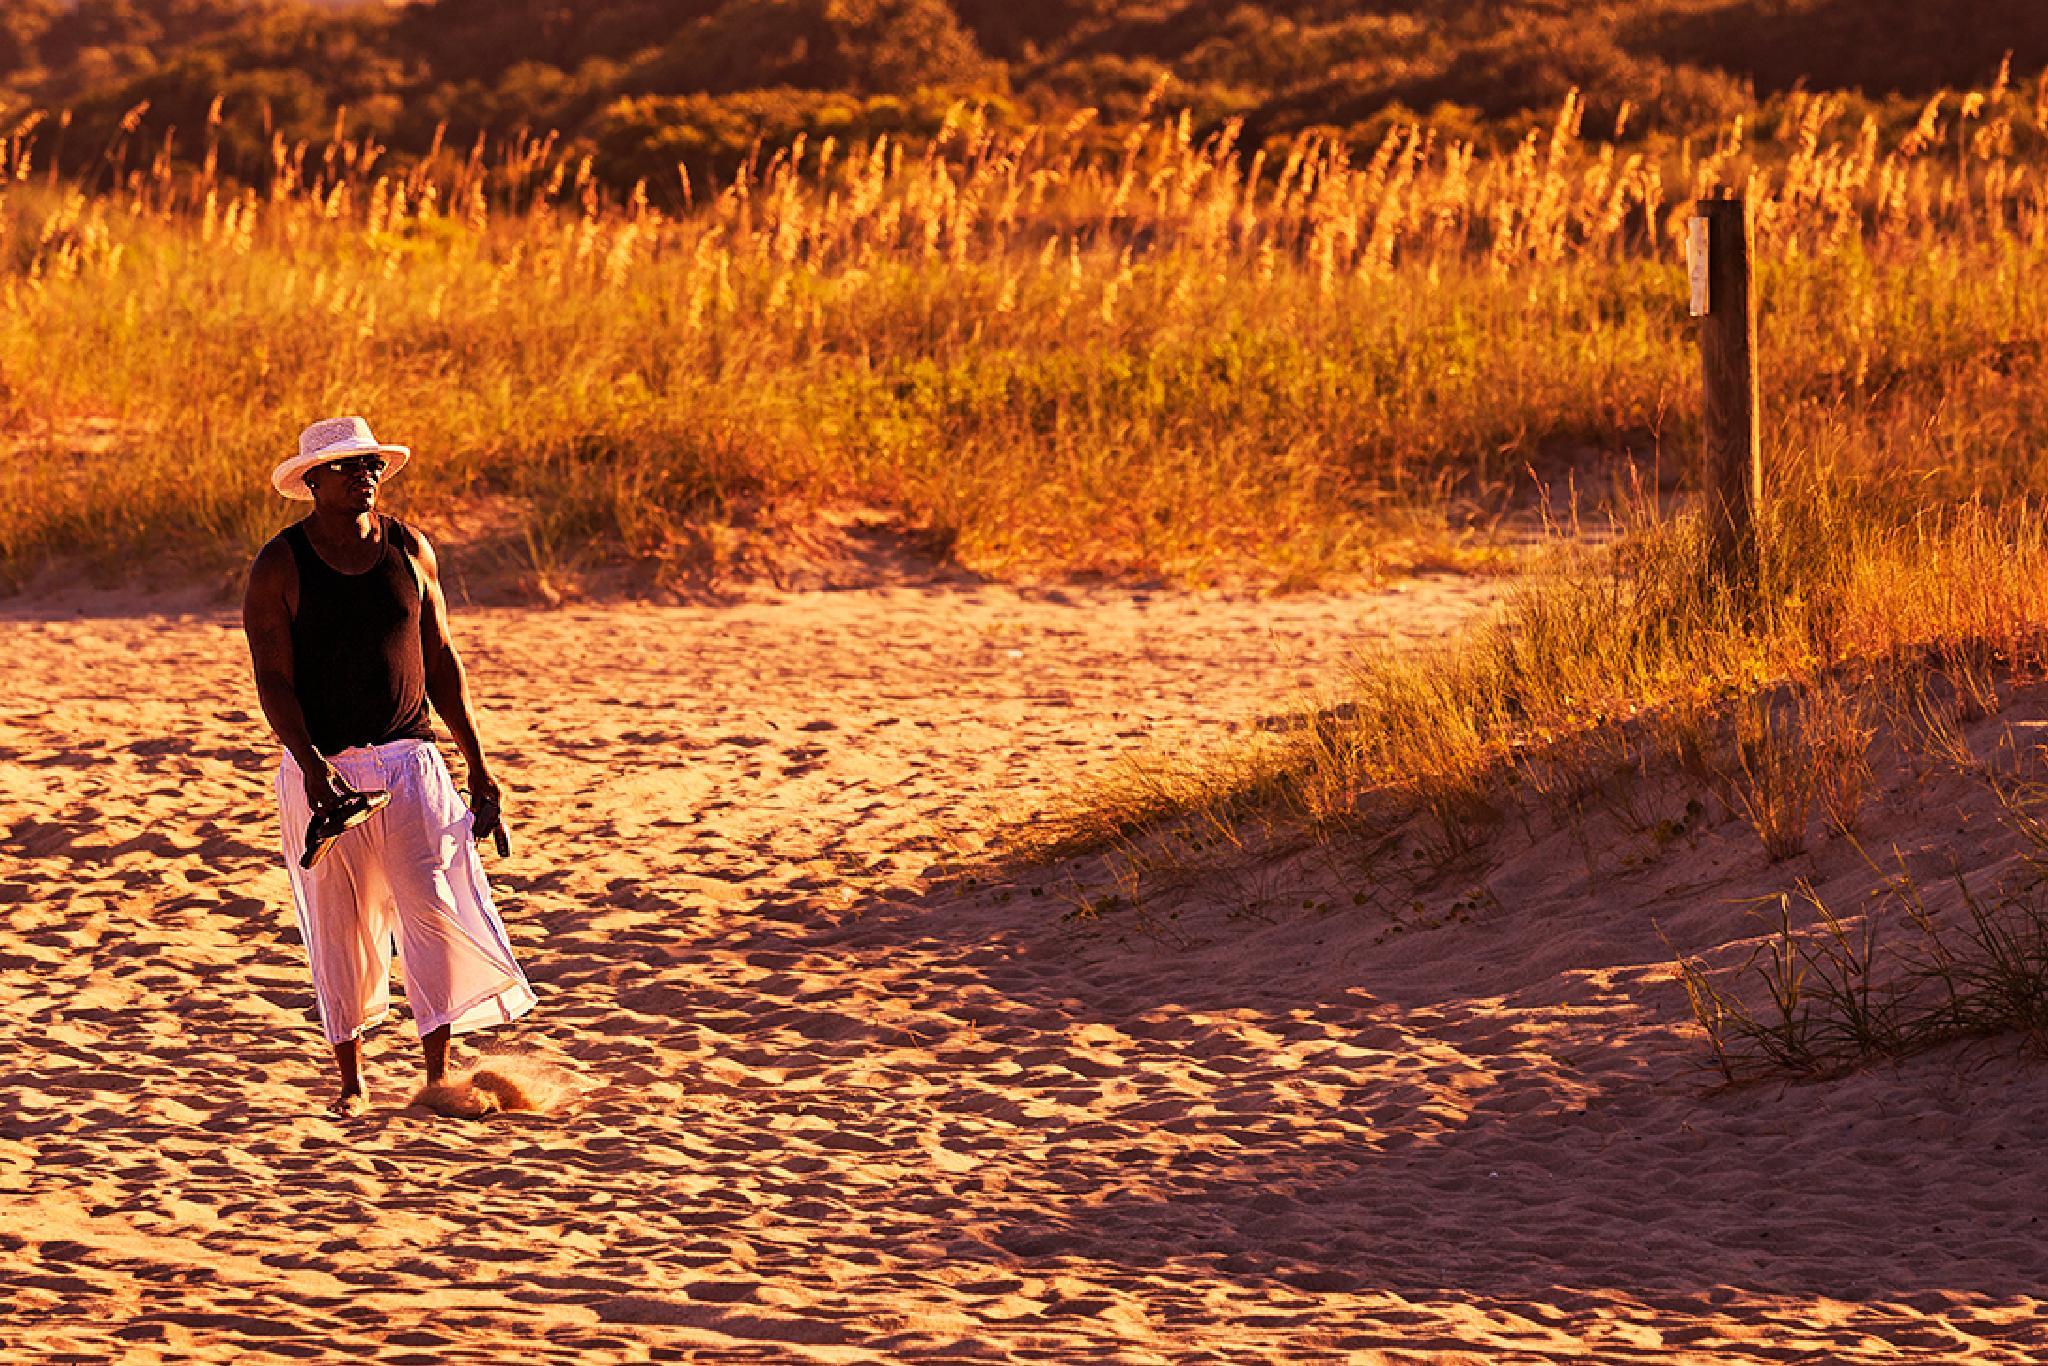 Walking on the beach at sunset by Mirela Savu